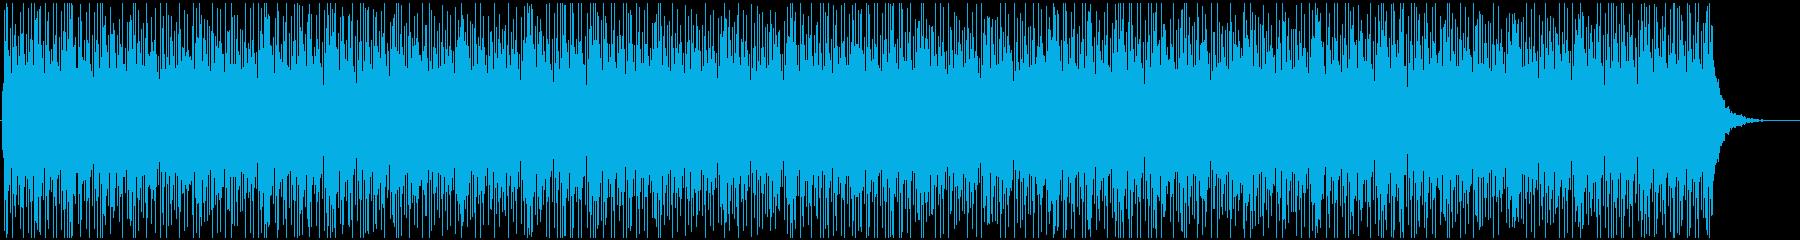 動画BGMに使いやすい爽やかなリフ曲の再生済みの波形